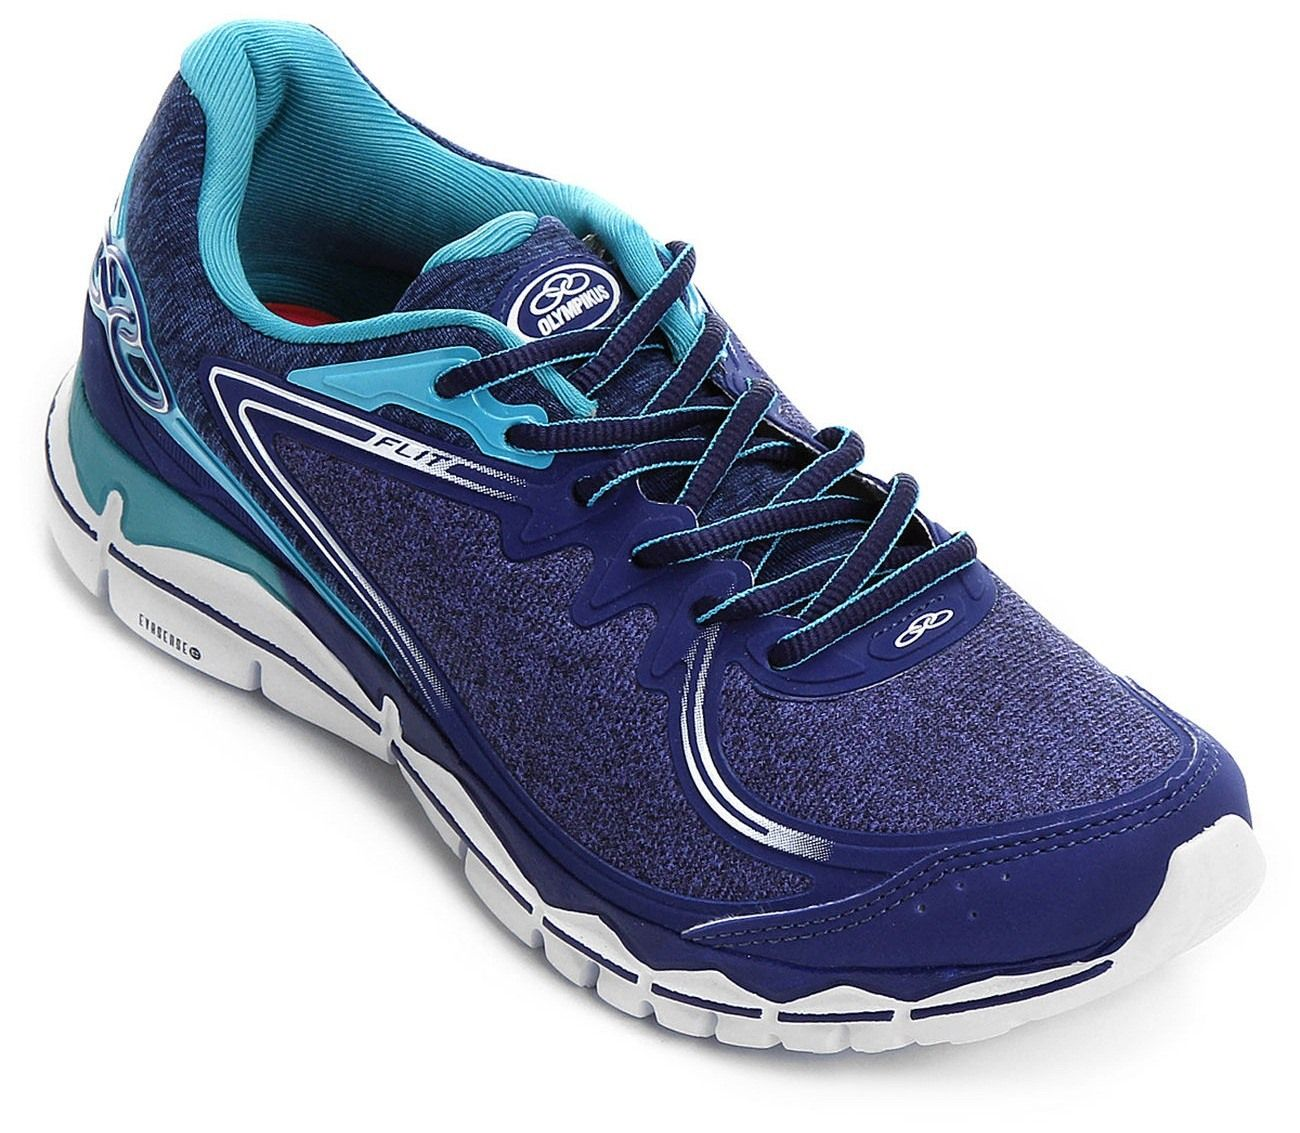 25908d9fdf2 Tenis Olympikus Flit 259 Feminino Caminhada - 43087259 - Celeste Calçados